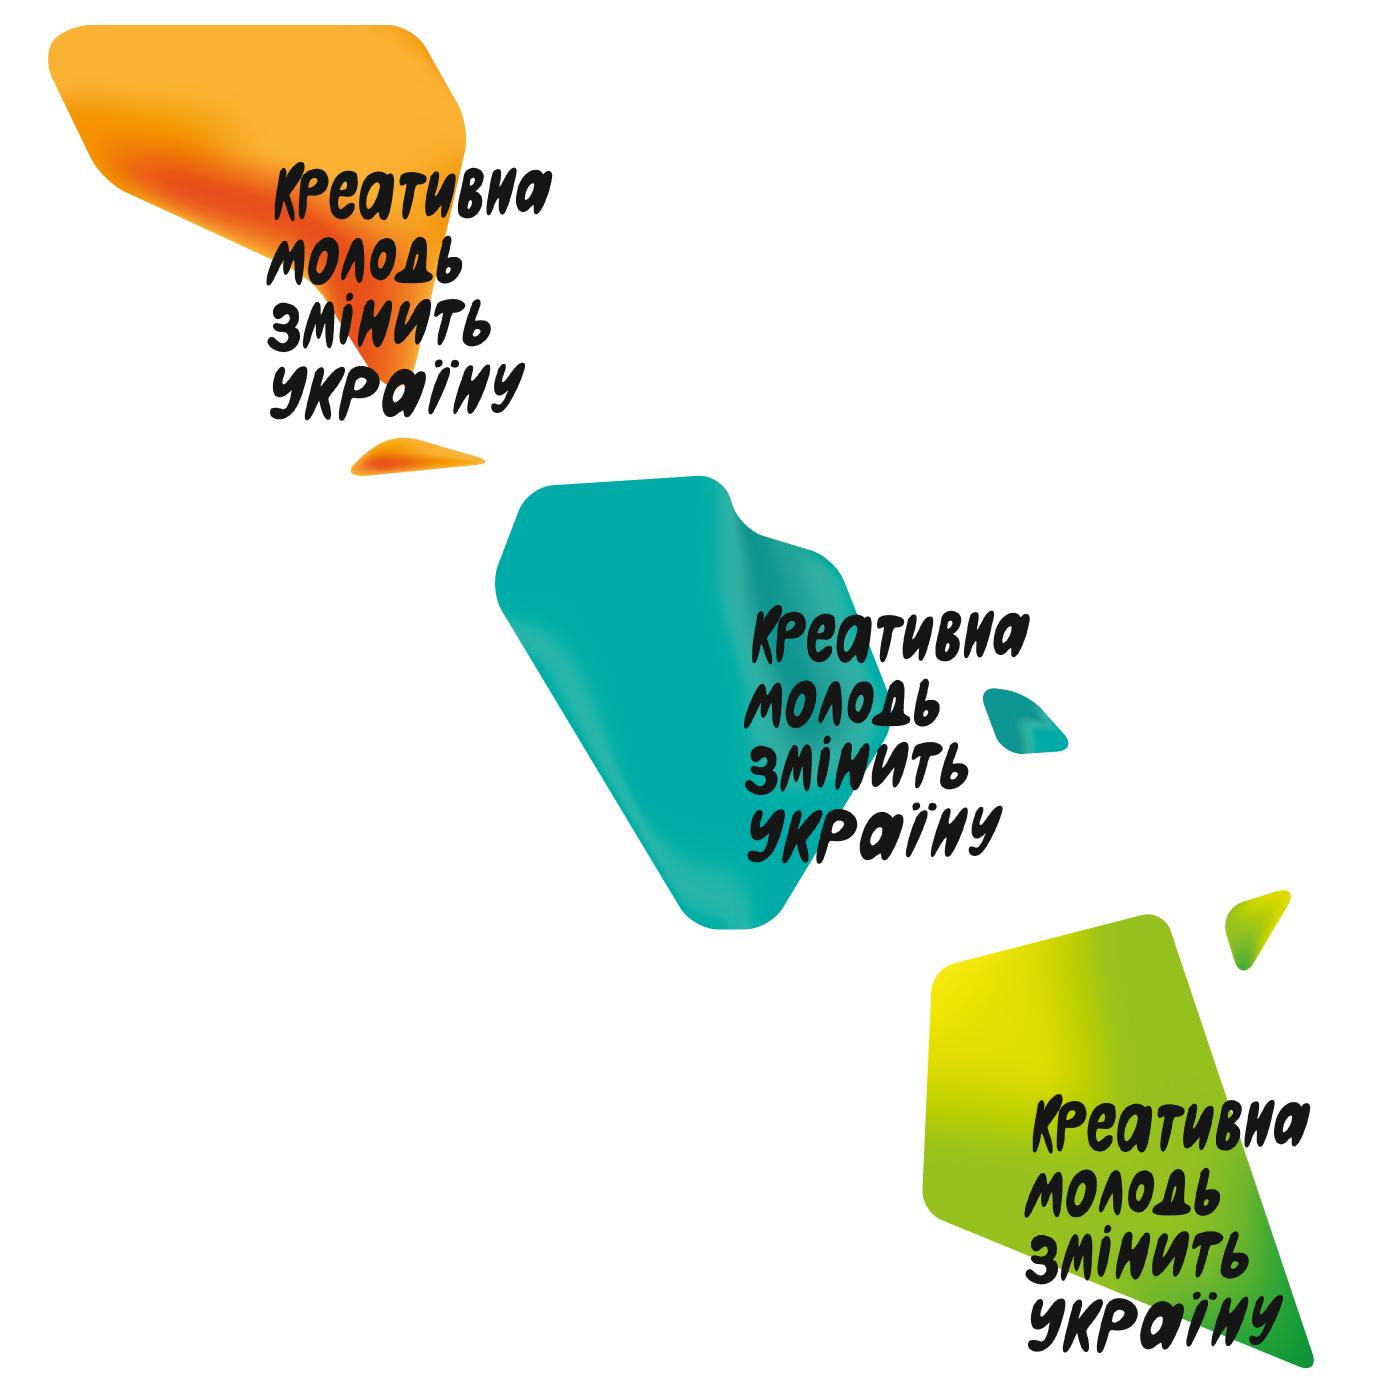 Окрім повного логотипу, в студії розробили менші форми, які застосовувались для кожного міста окремо